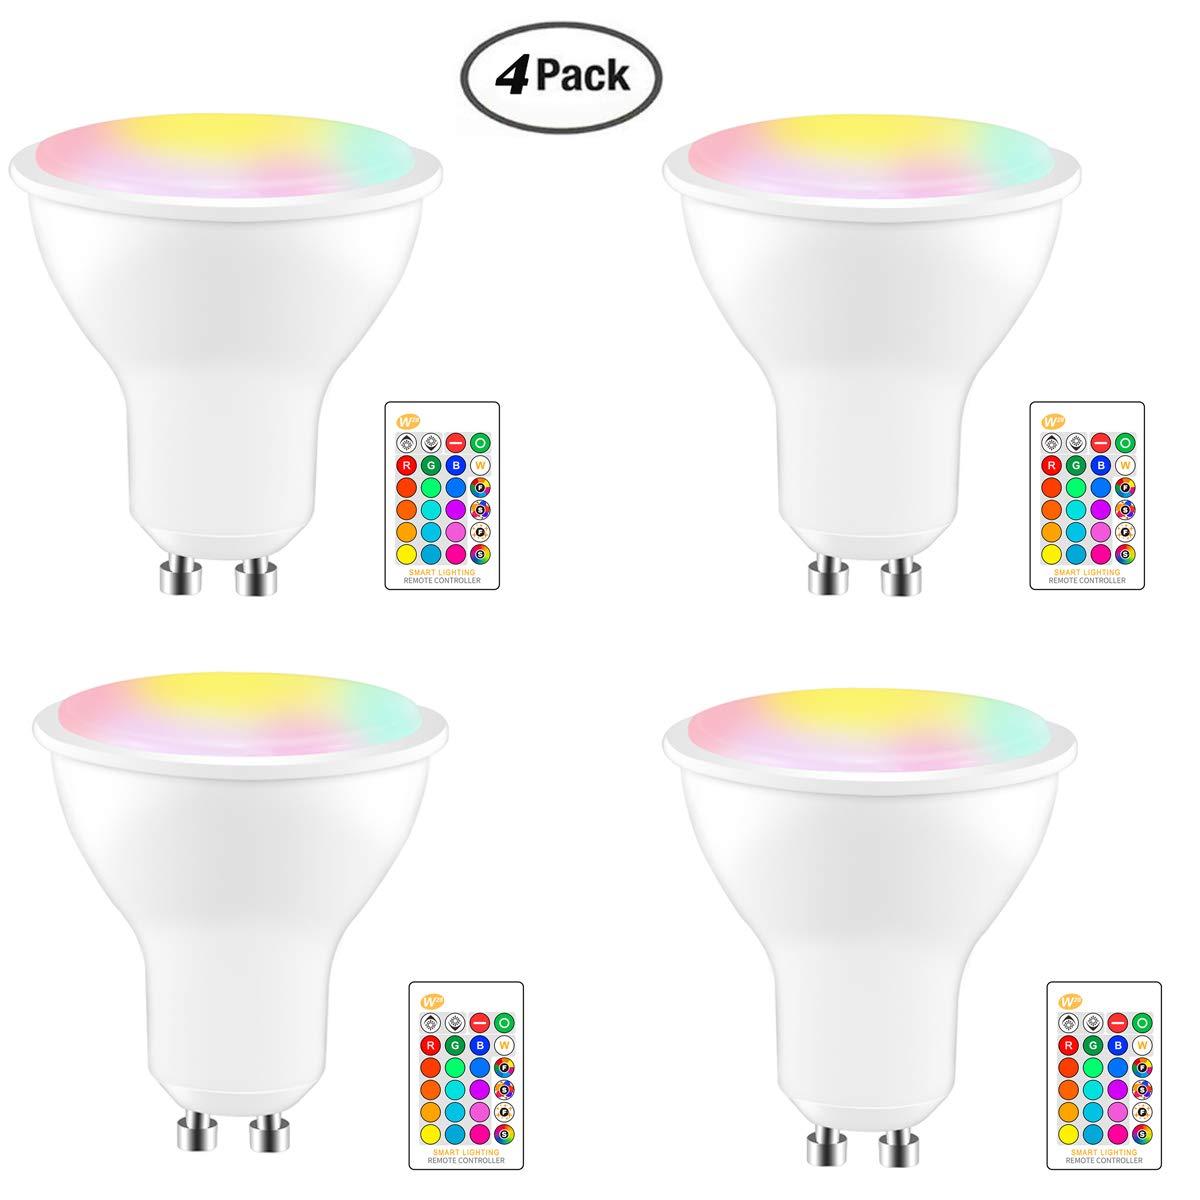 Lá mpara LED RGB, Frontoppy 8W GU10 LED Spotlight RGBW Dimmable Cambio de color con mando a distancia, 200 lm, Timing,4 Paquetes (Baterí a de remoto no incluida) (RGB+ Blanco Frio) 4 Paquetes (Batería de remoto no incluida) (RGB+ Blanco Frio)